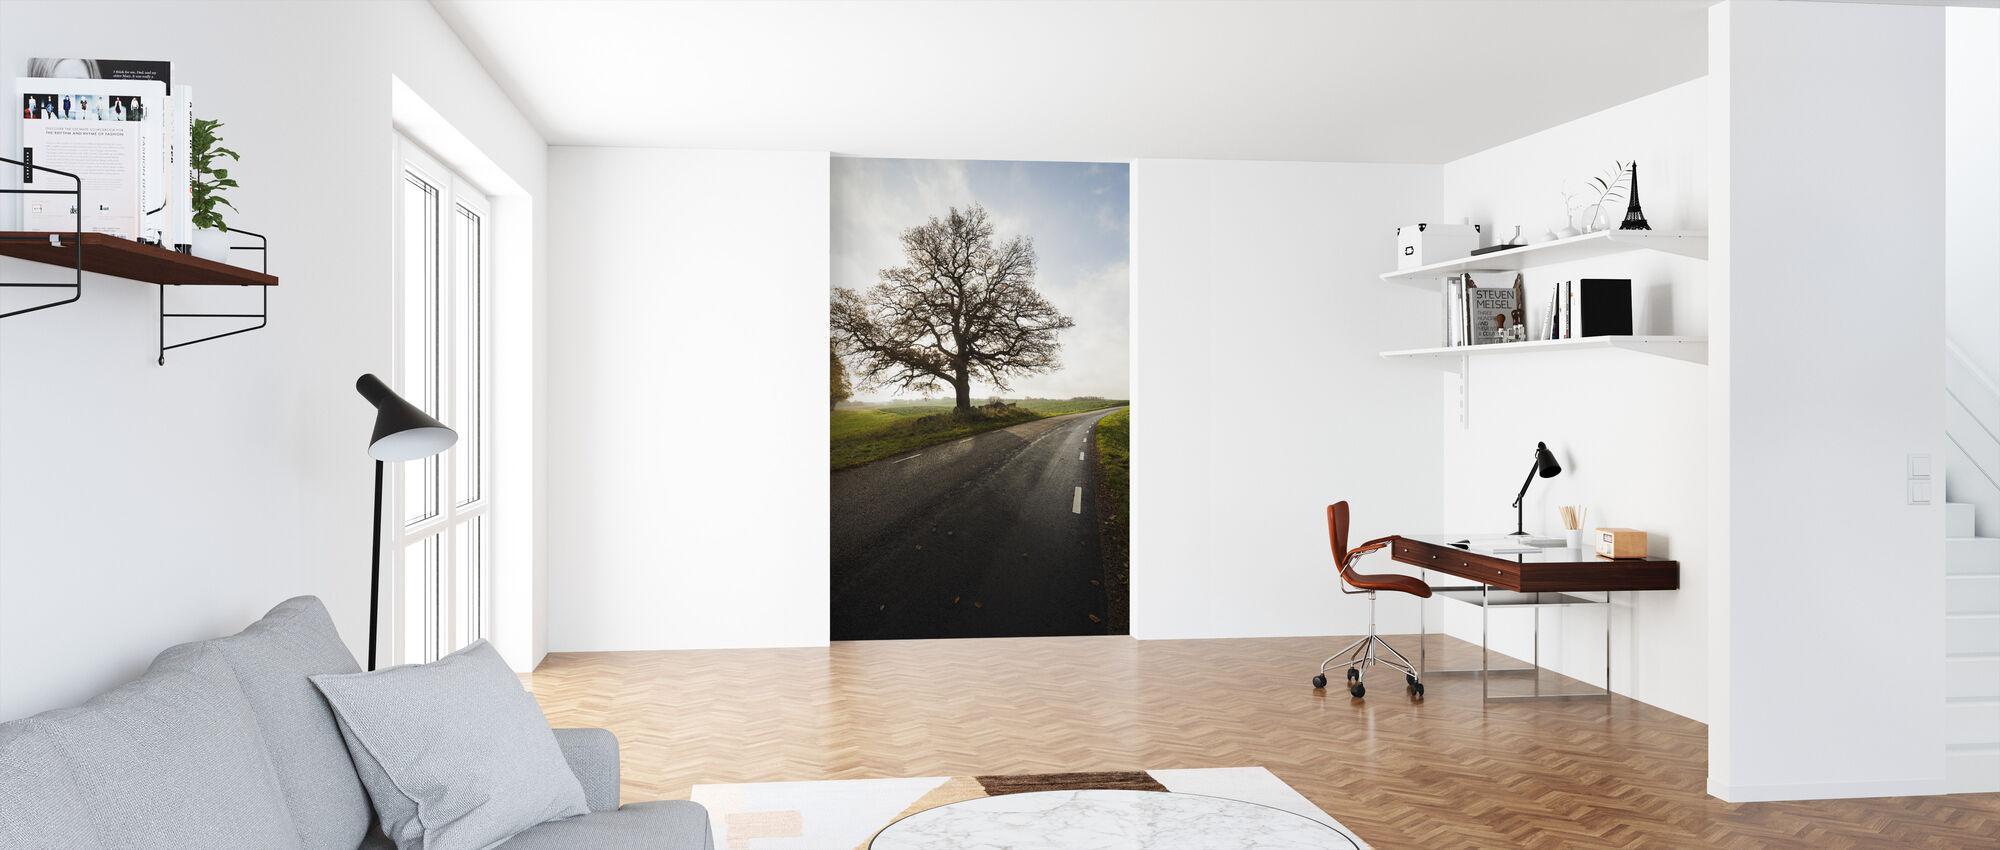 Majestic Tree by Road - Wallpaper - Office